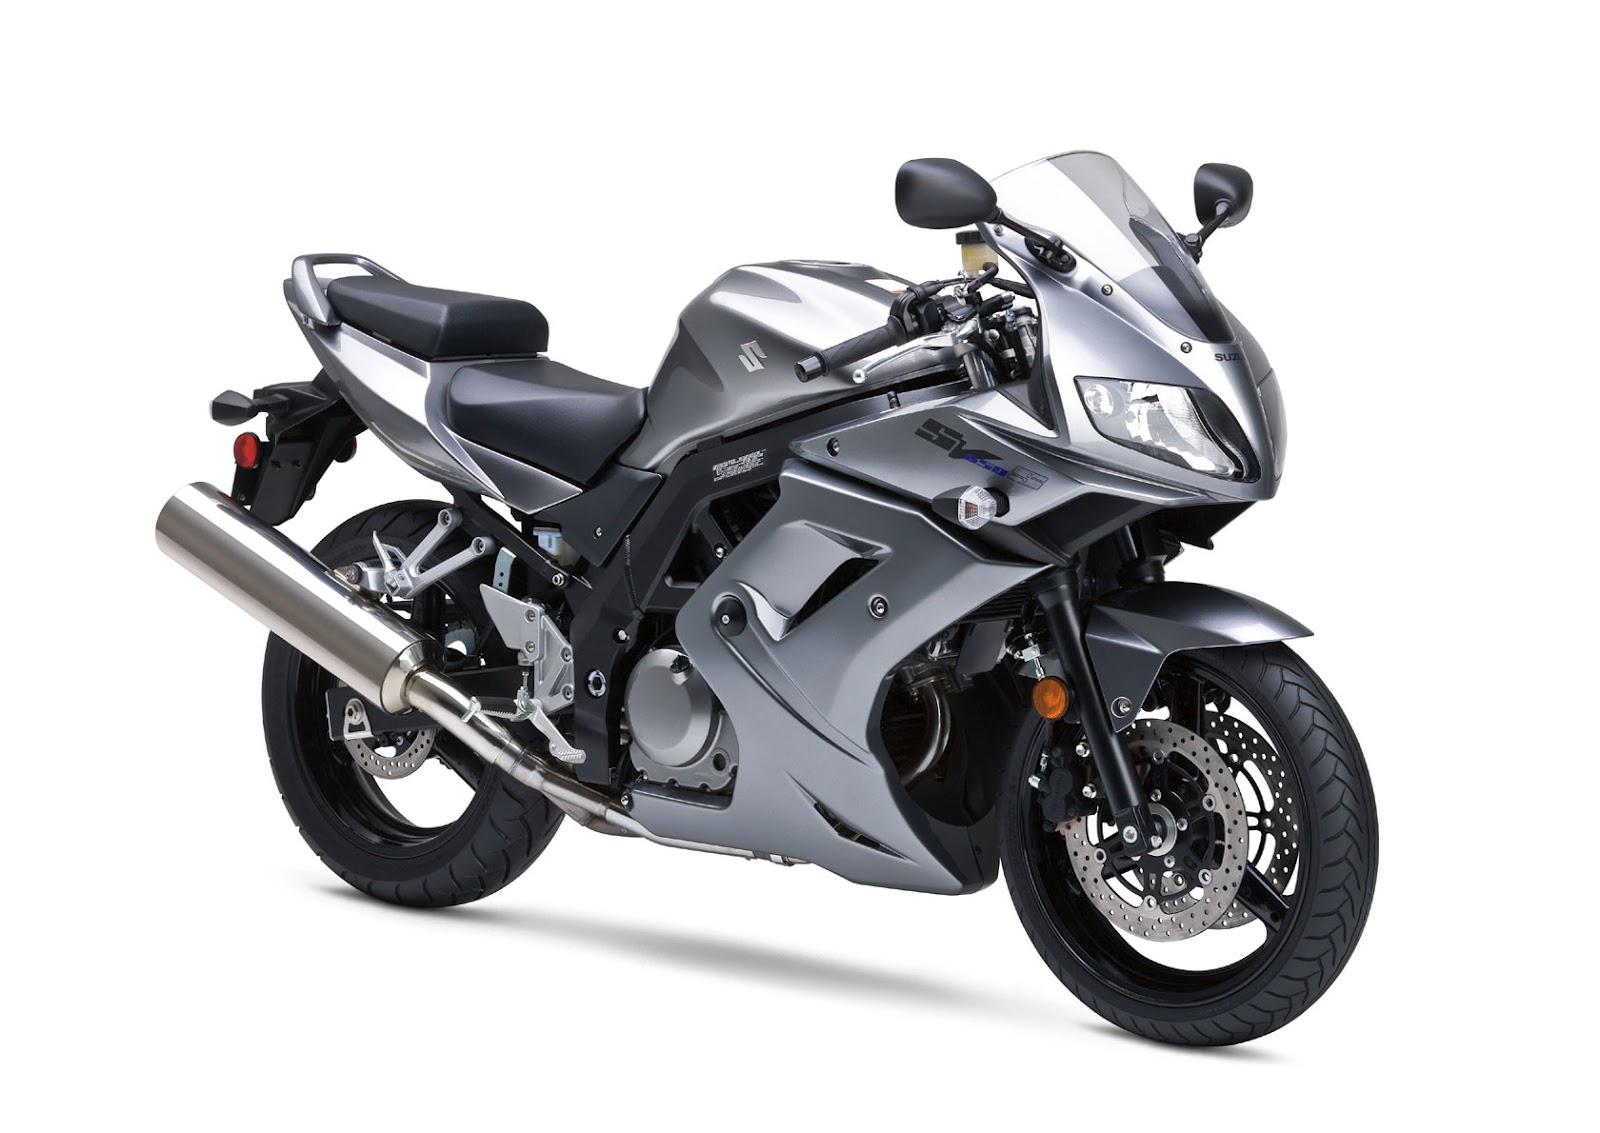 New Colours for 2020 Suzuki SV650 - BikesRepublic